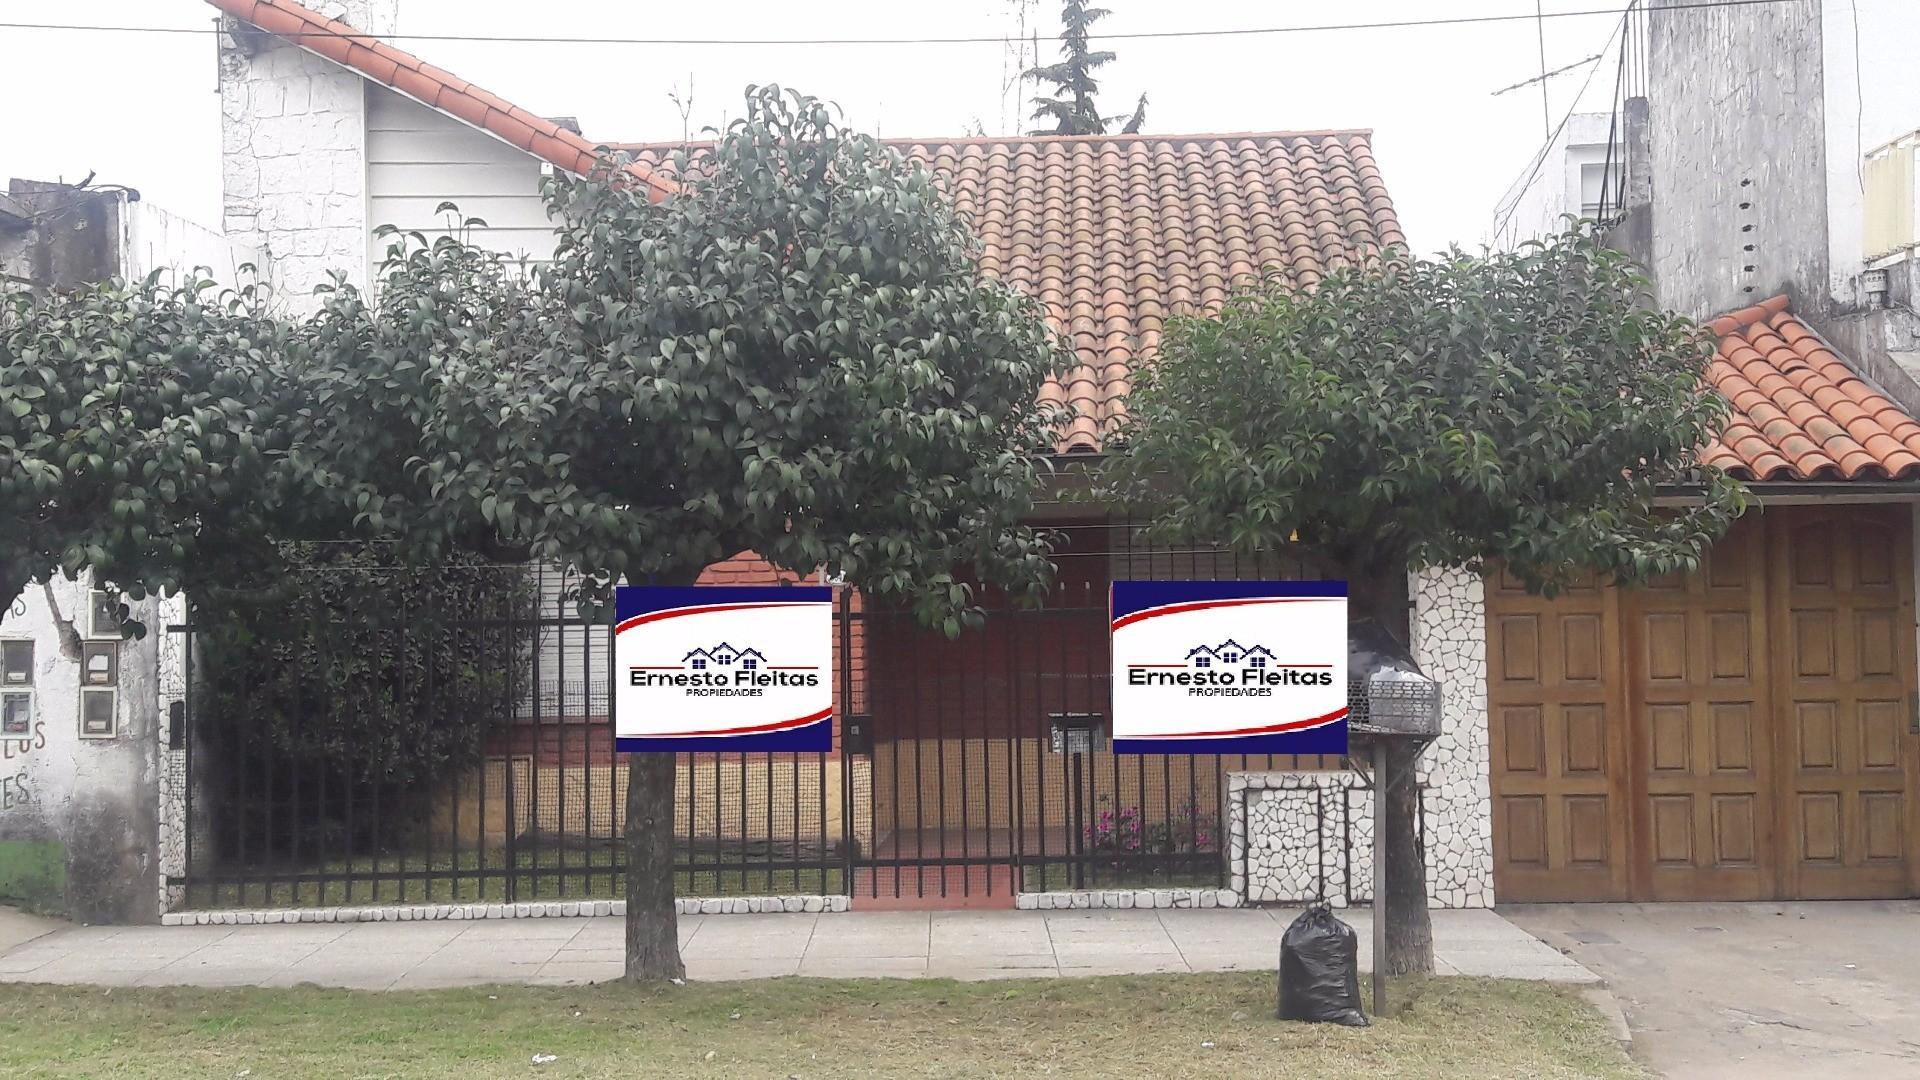 2 Casas De 4 Amb. En Lote De 10x30. Excelente Propiedad!!! I. Casanova a metros de metrobus APTO CTO